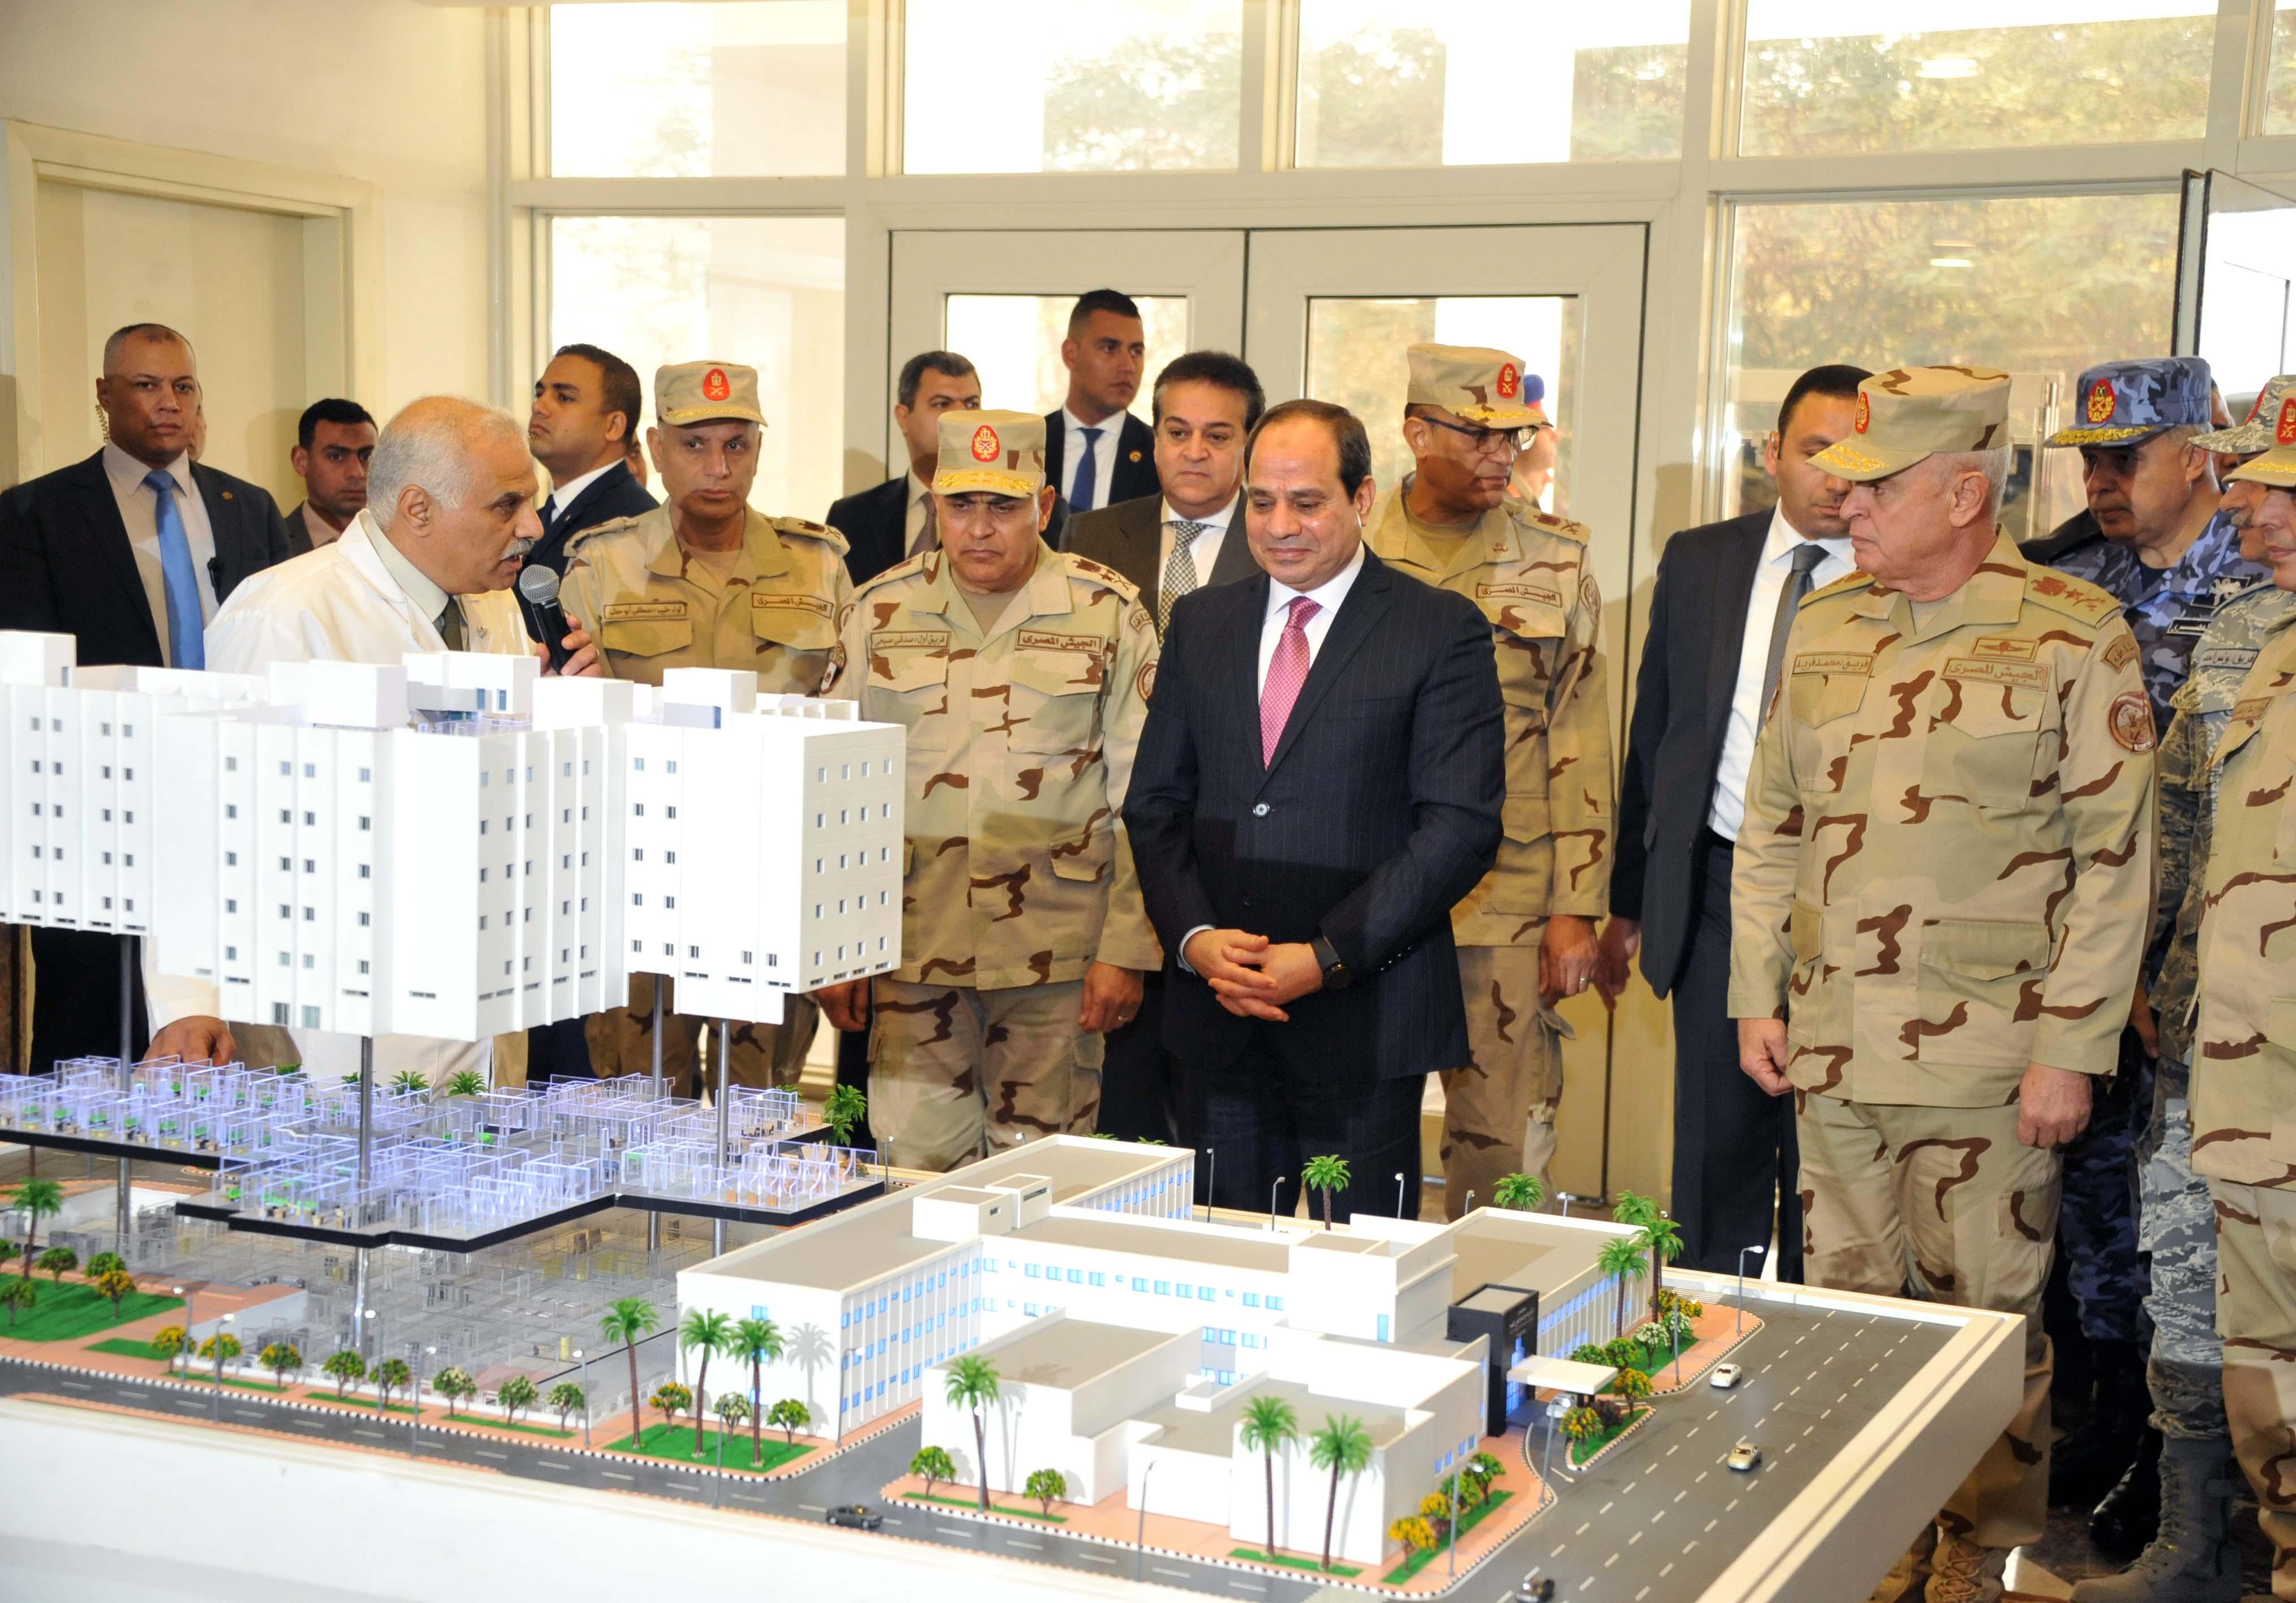 صور افتتاح السيد الرئيس لأعمال تطوير المجمع الطبي للقوات المسلحة بالمعادي12-1-2018 (3)